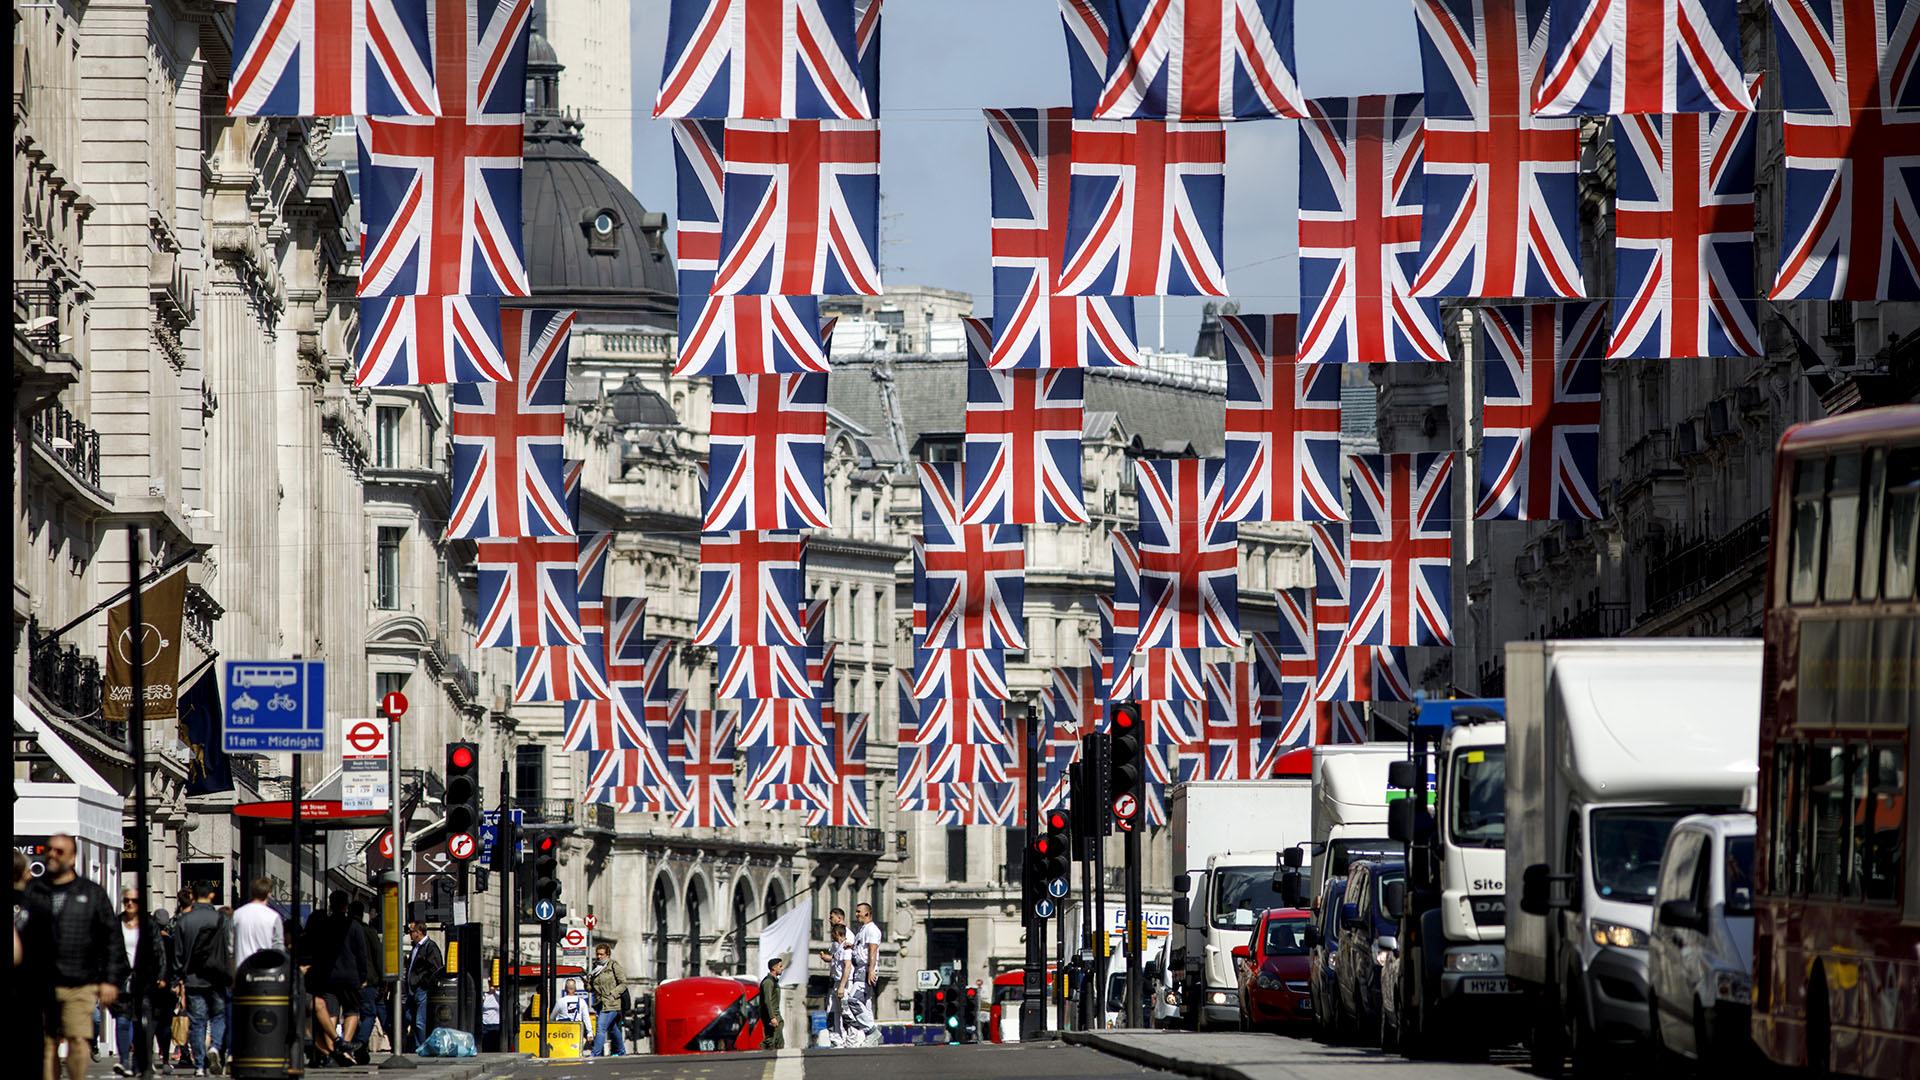 Kensington Palace que instalará pantallas gigantes por todo el recorrido nupcial (Castle Hill, High Street, Sheet Street, Kings Road, Albert Road y Long Walk) emitiendo imágenes en directo del enlace